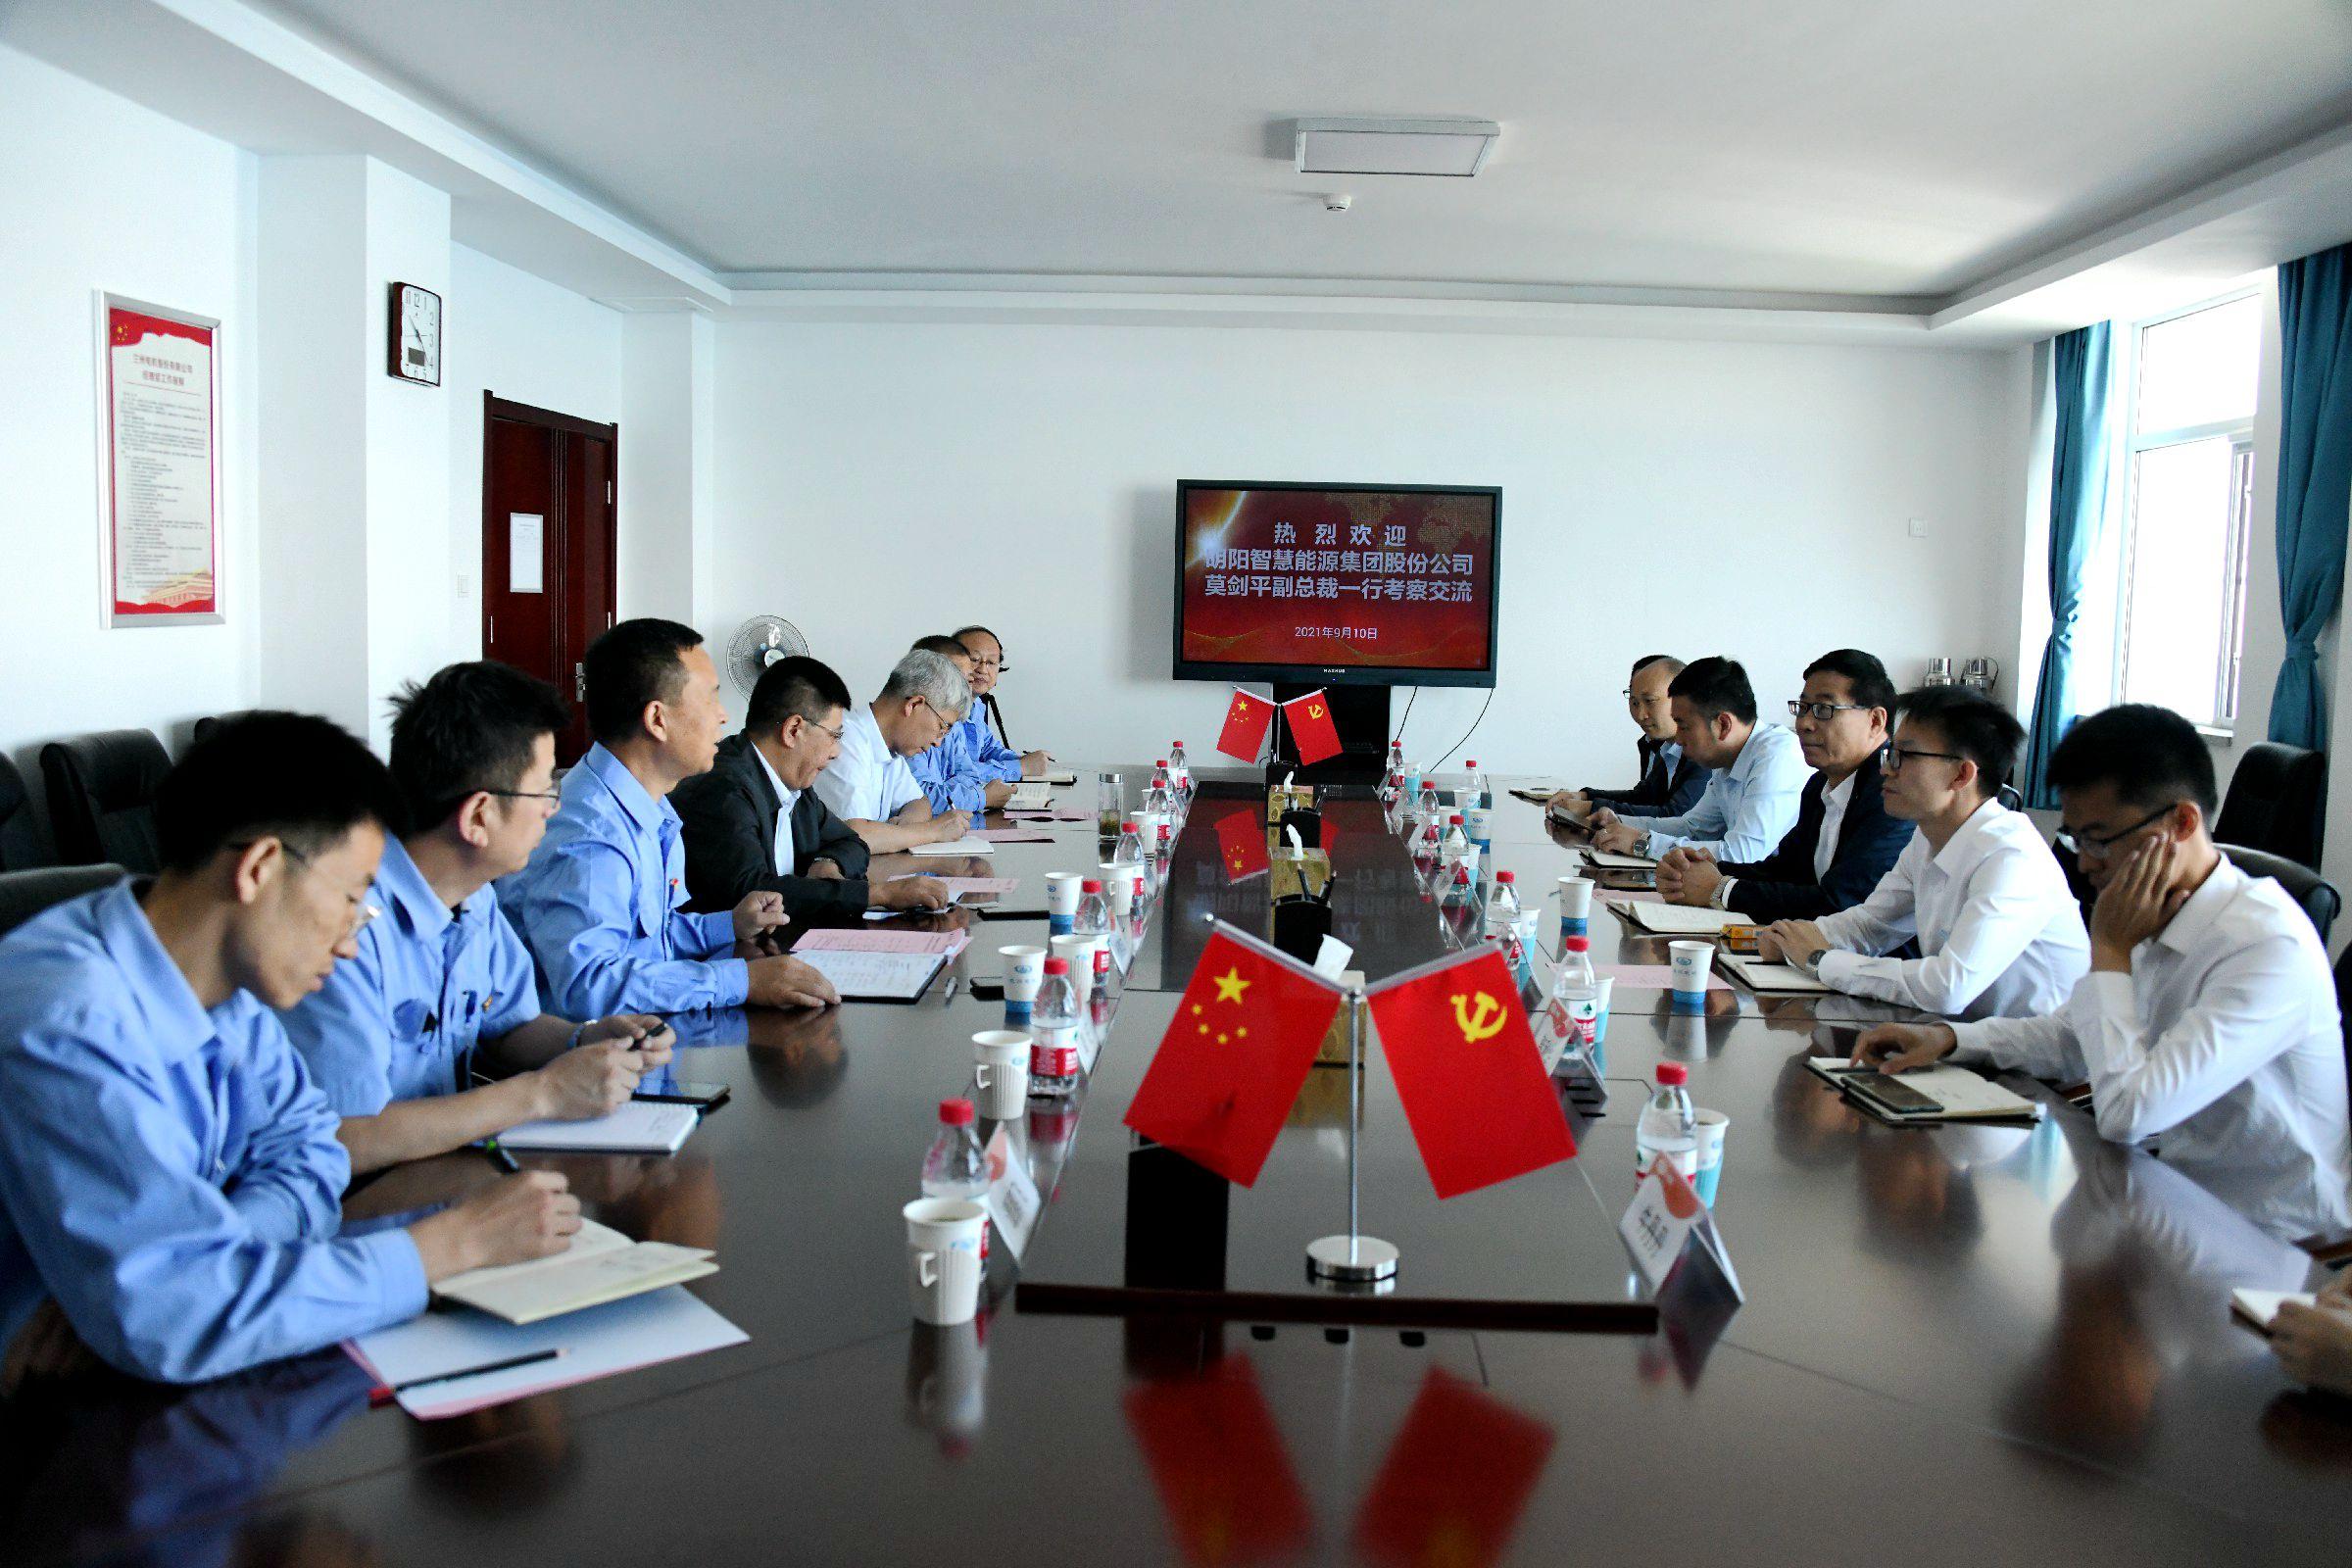 明陽智慧能源集團副總裁莫劍平一行來公司考察交流